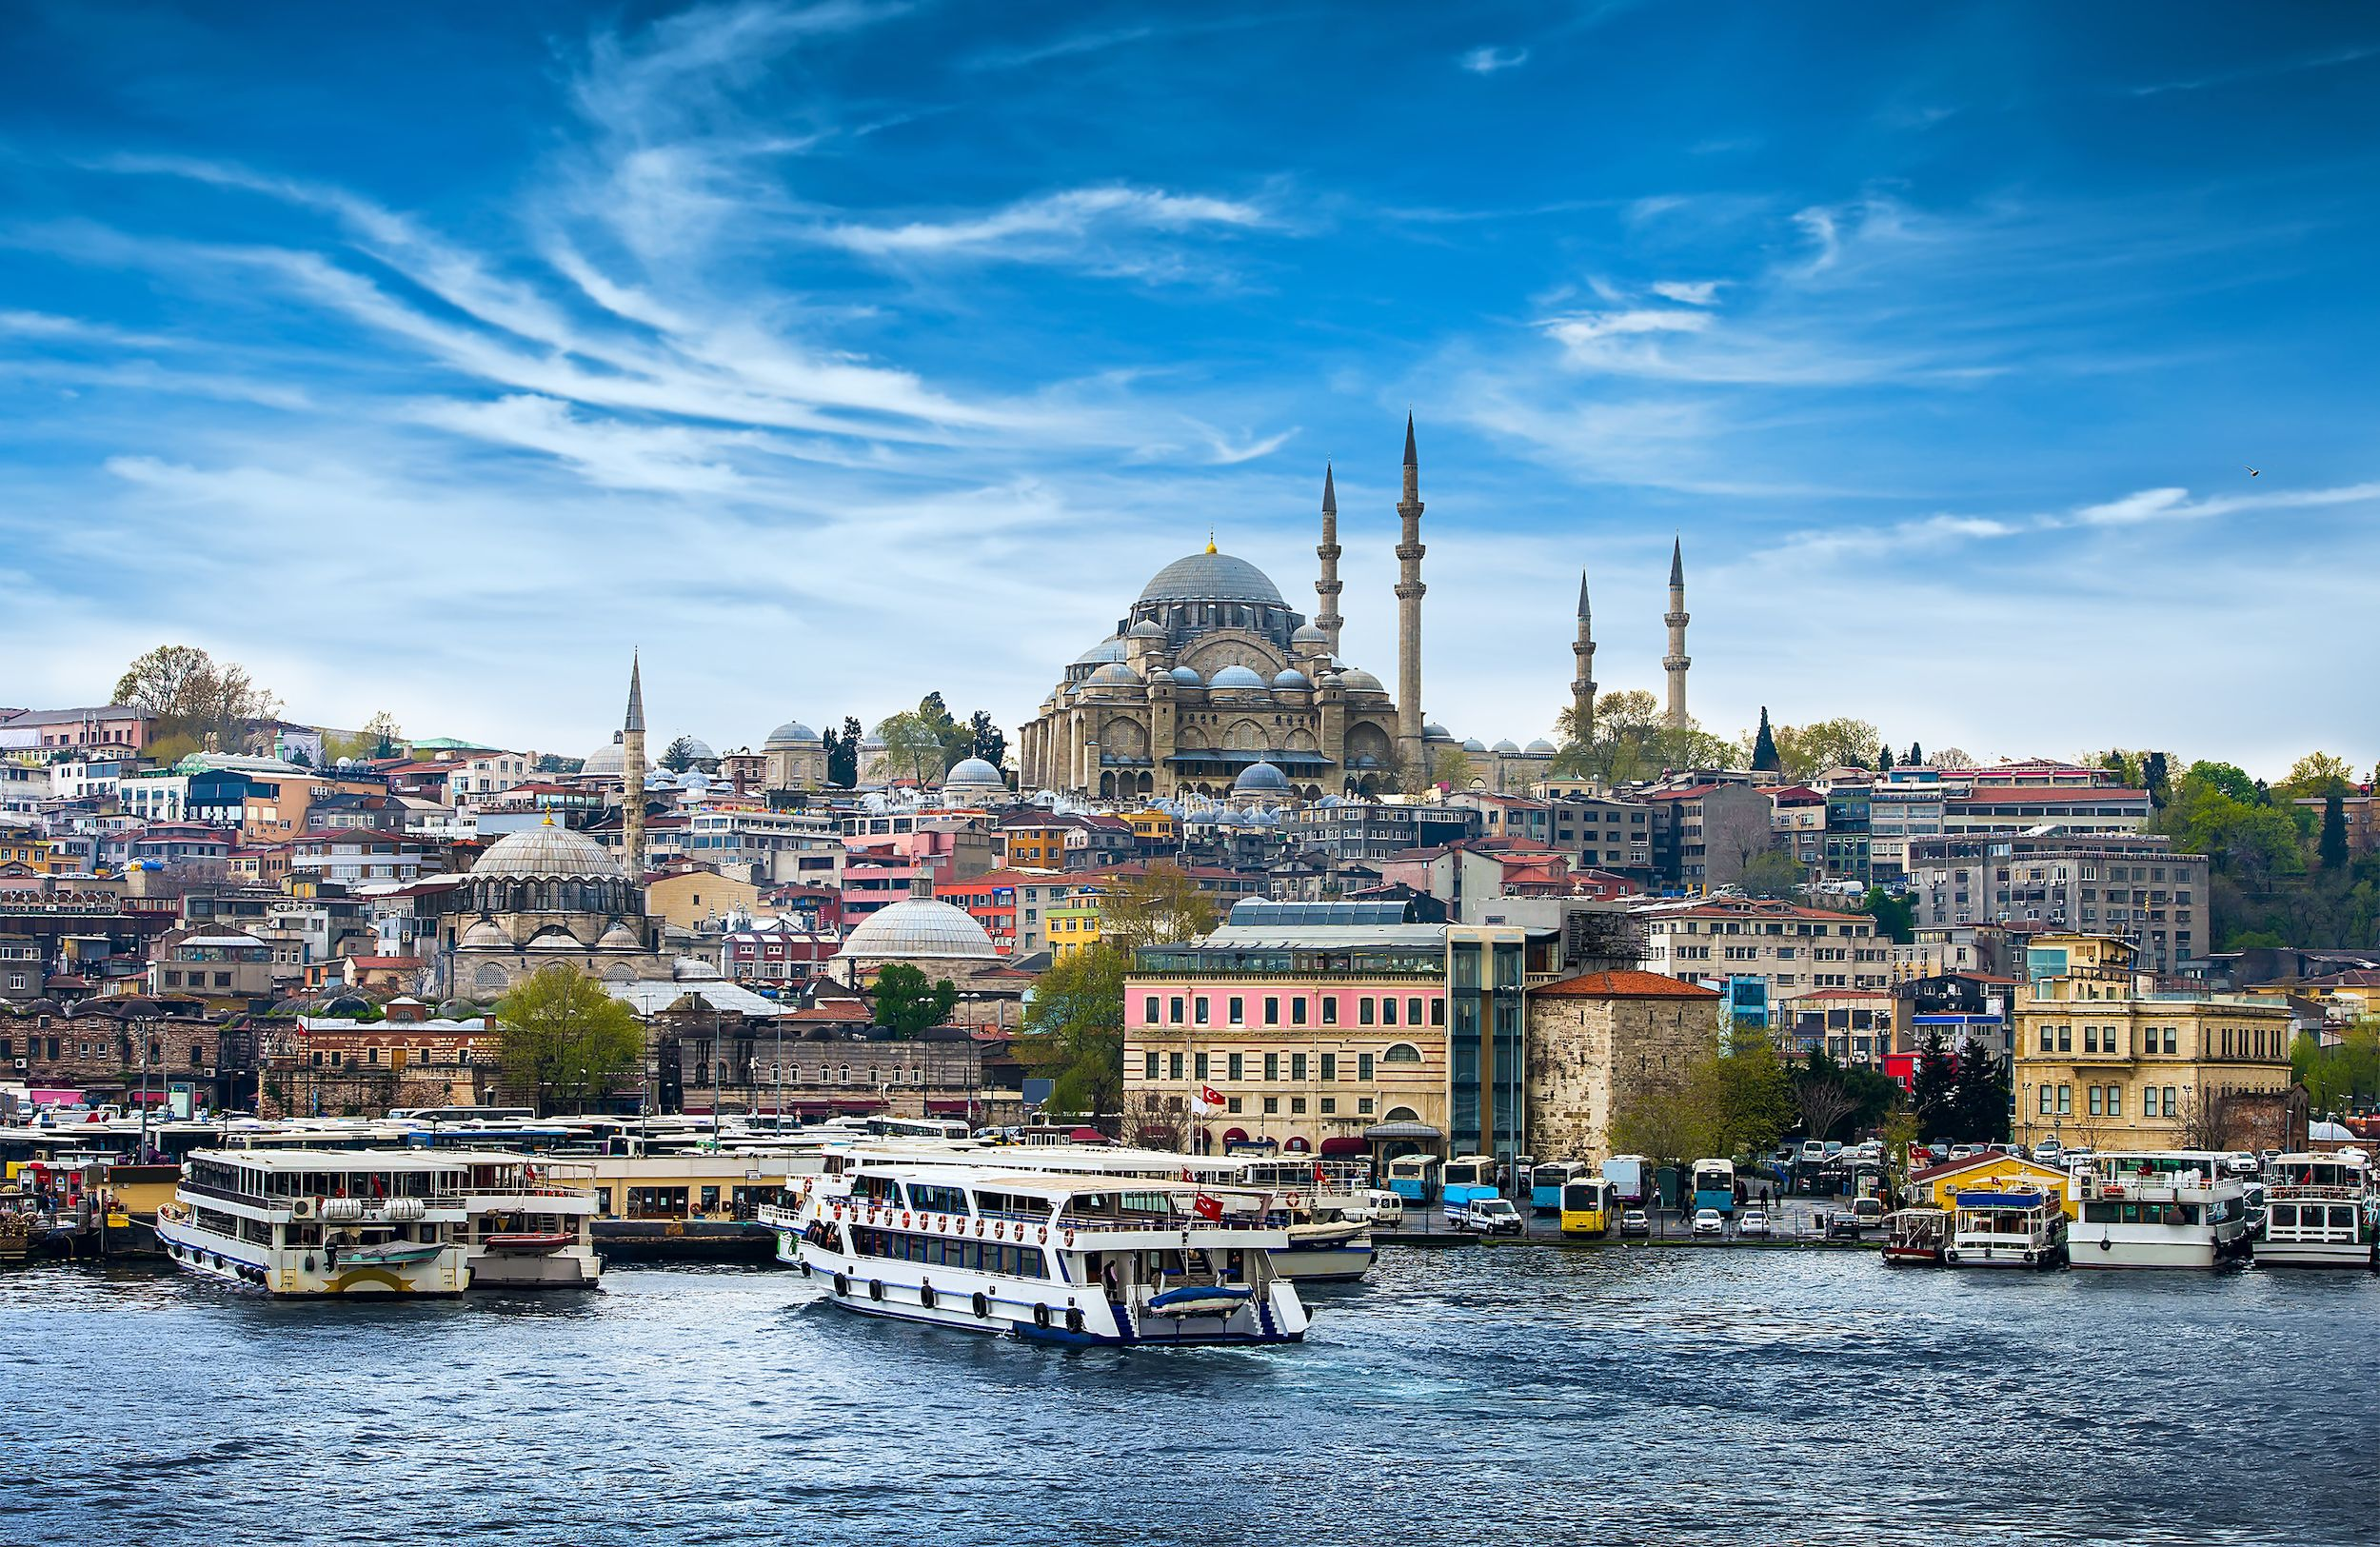 19 luoghi da vedere durante il vostro viaggio in Turchia